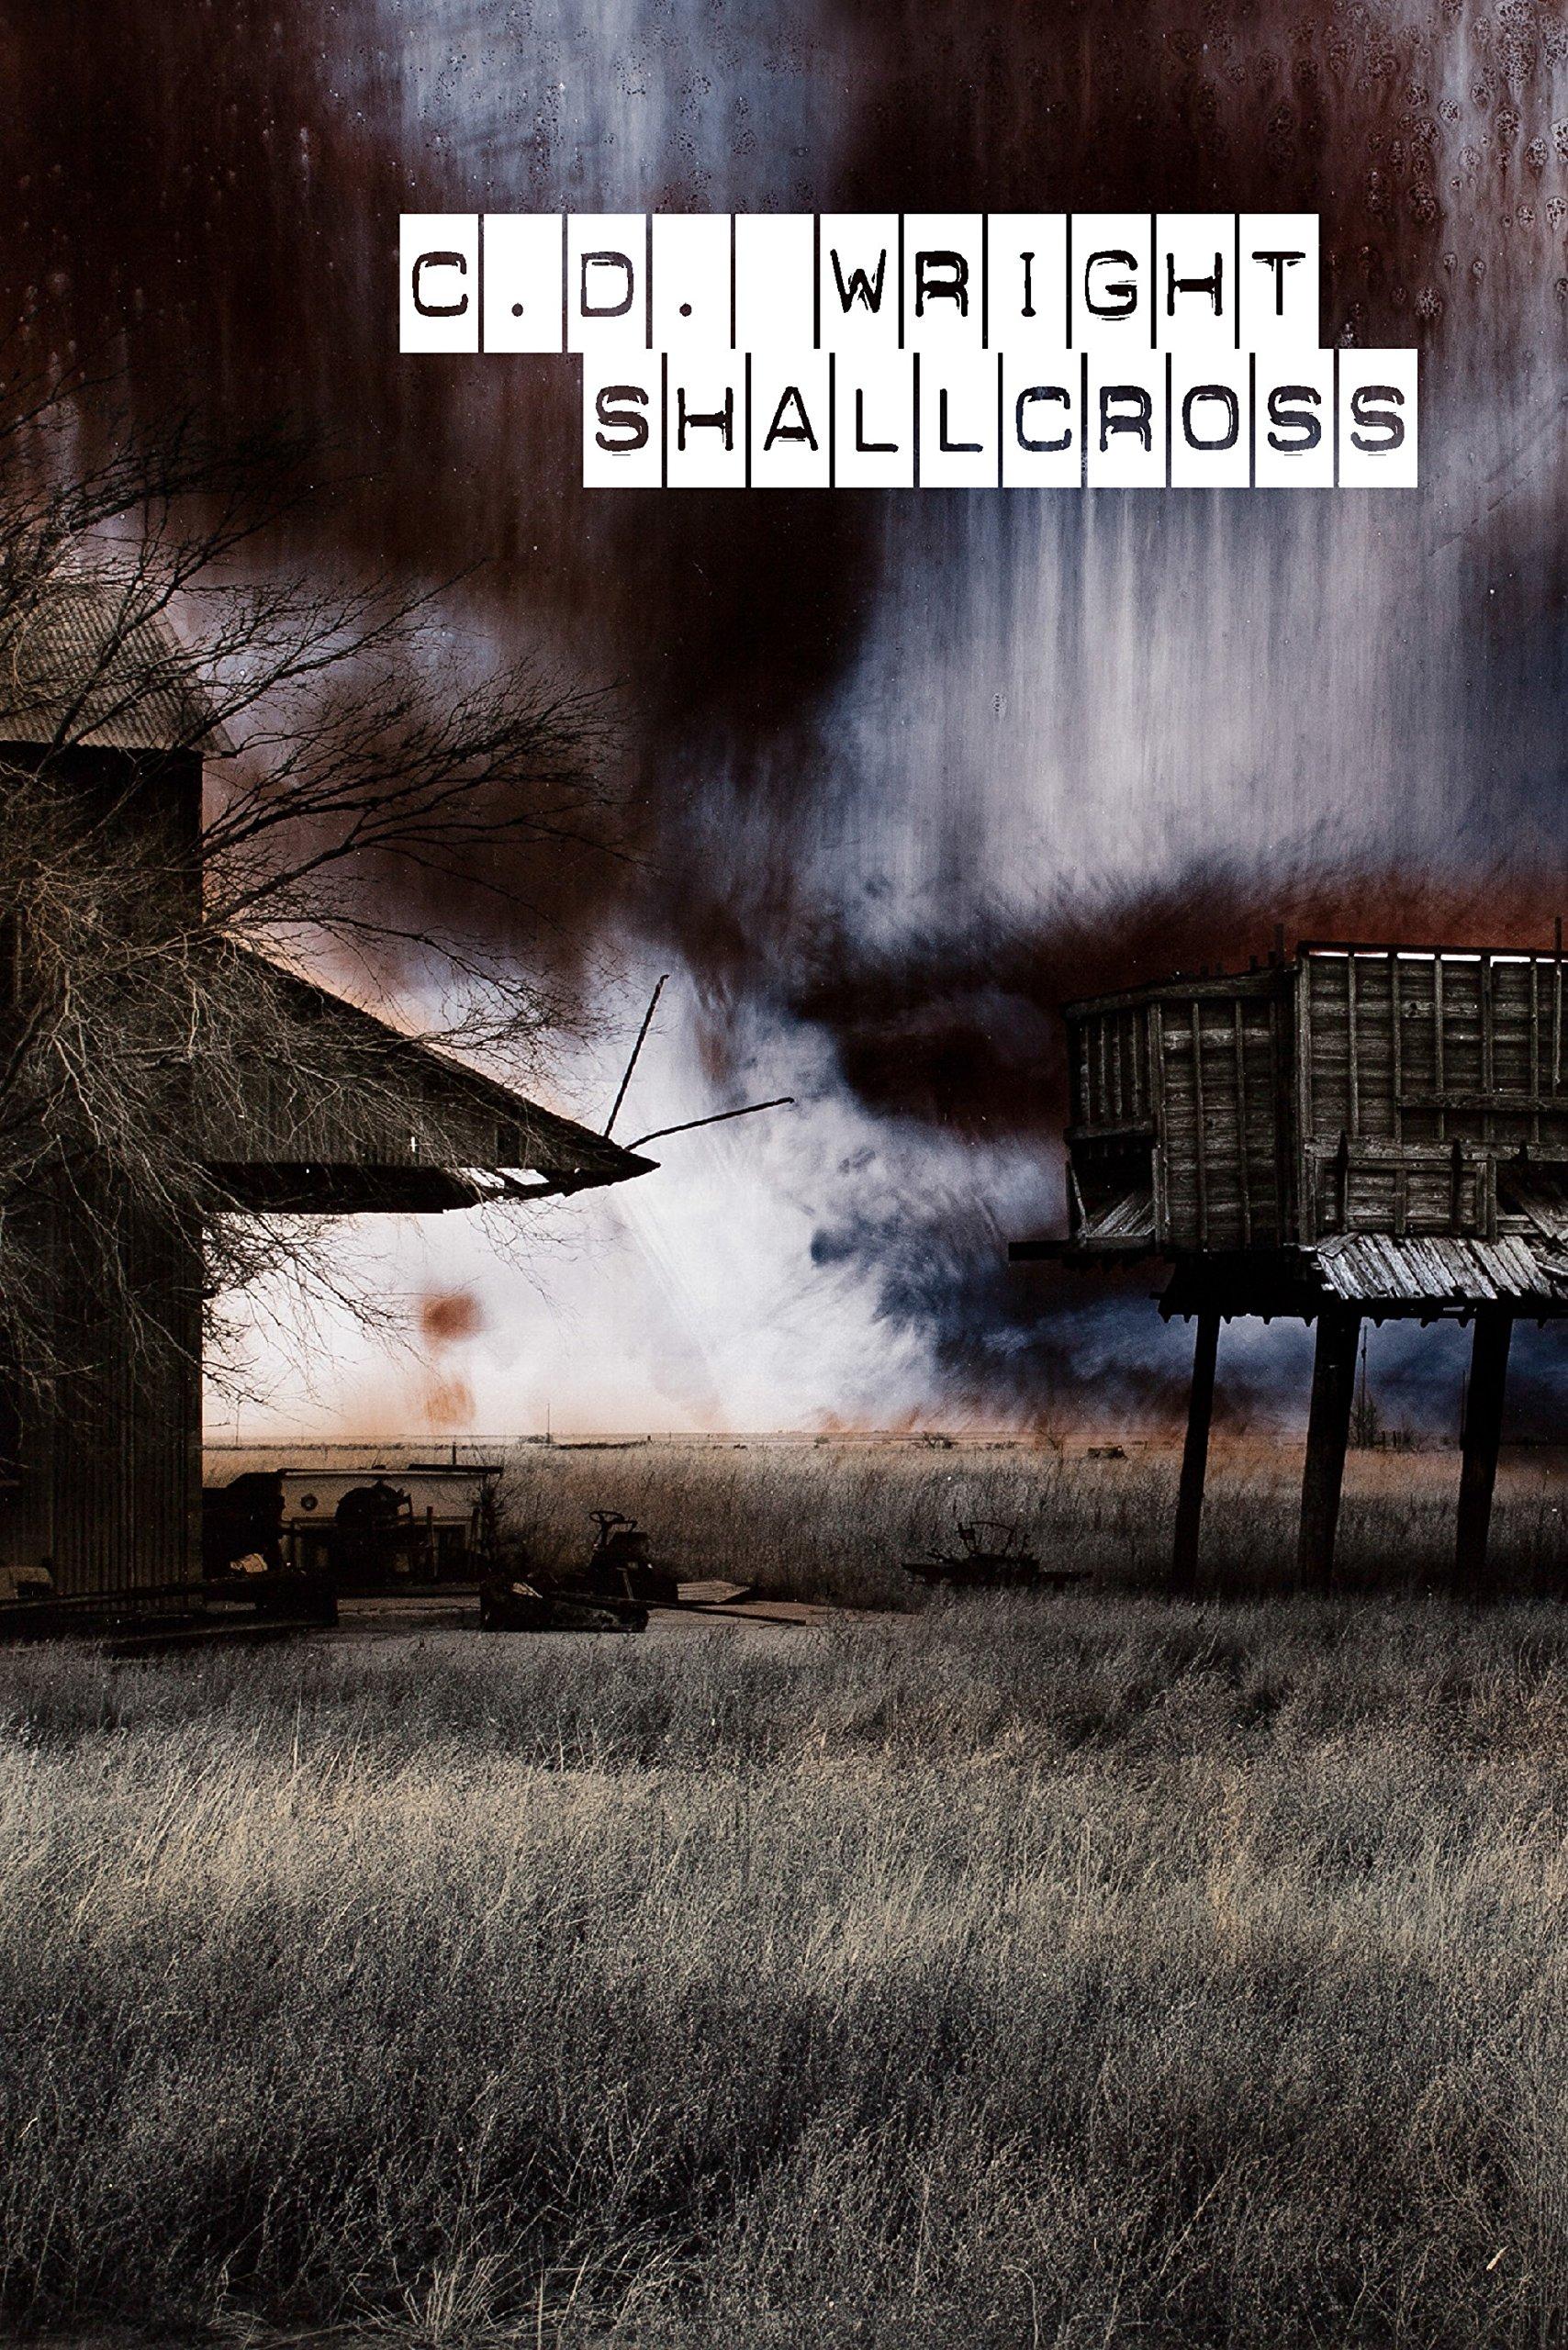 1-shallcross.jpg